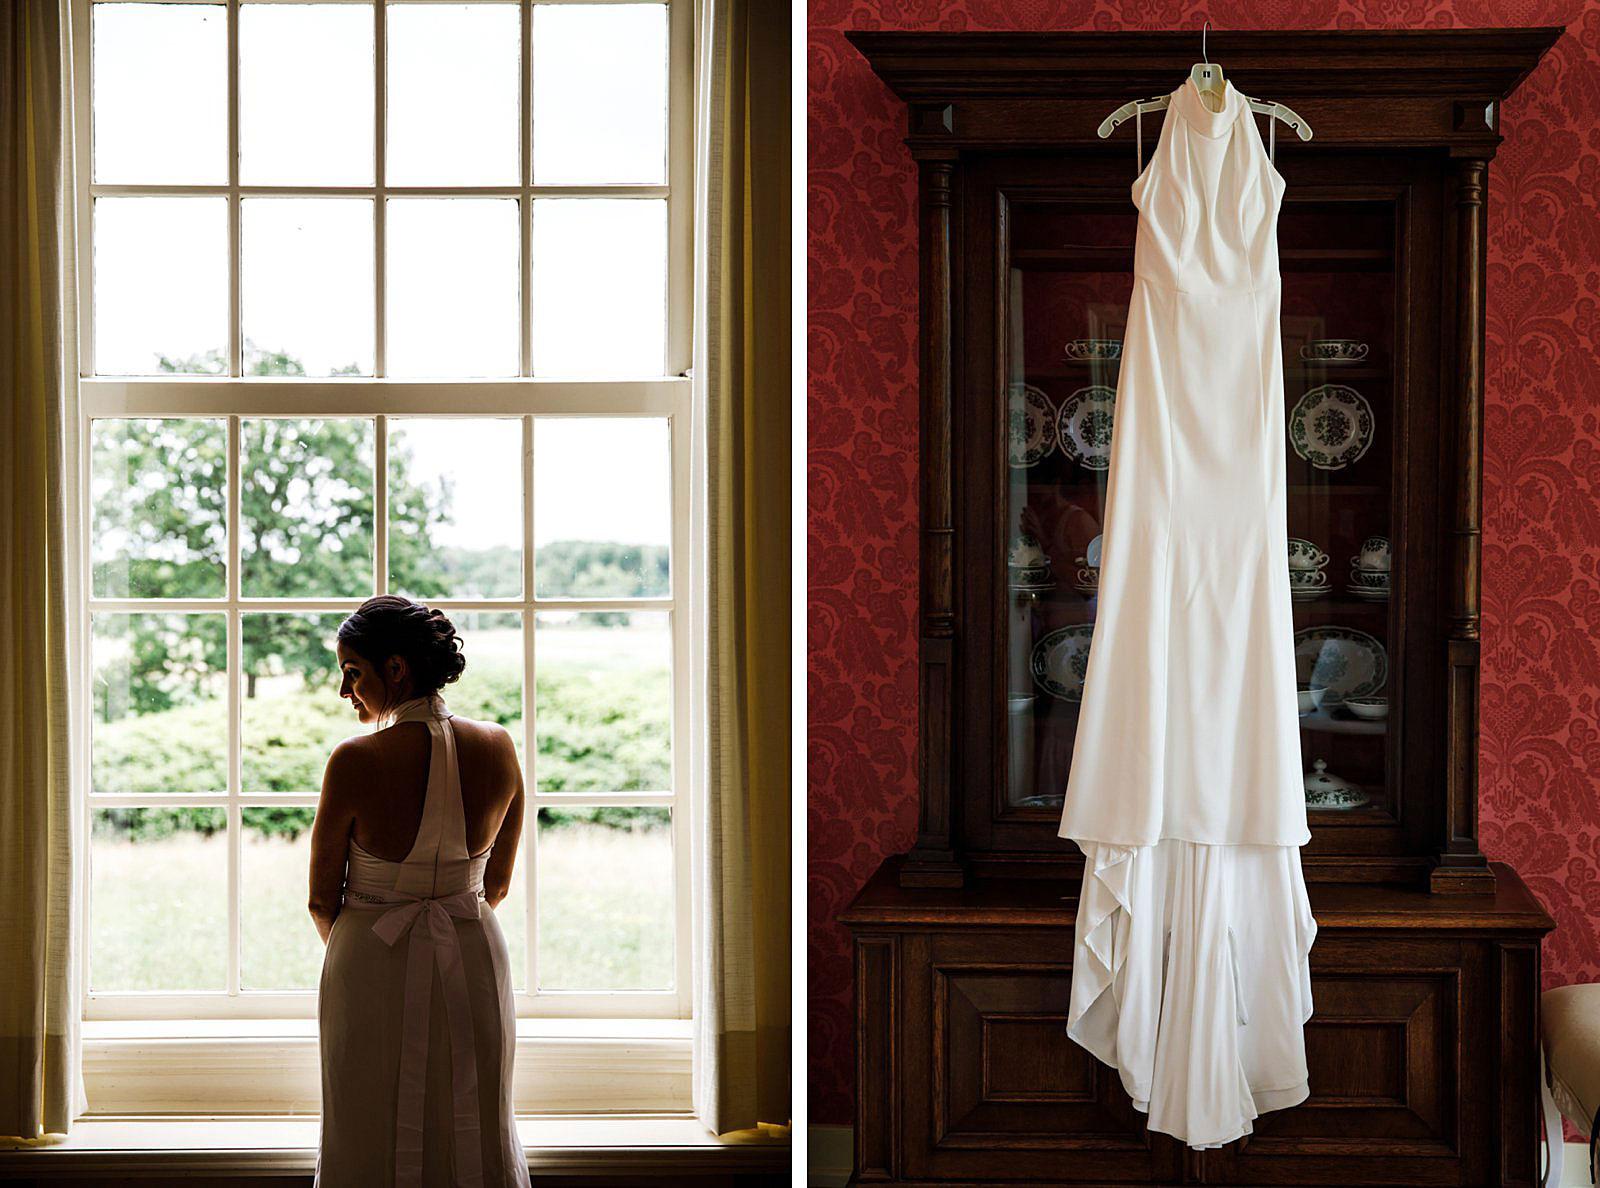 06-voorbereiding-bruid-trouwfotografie